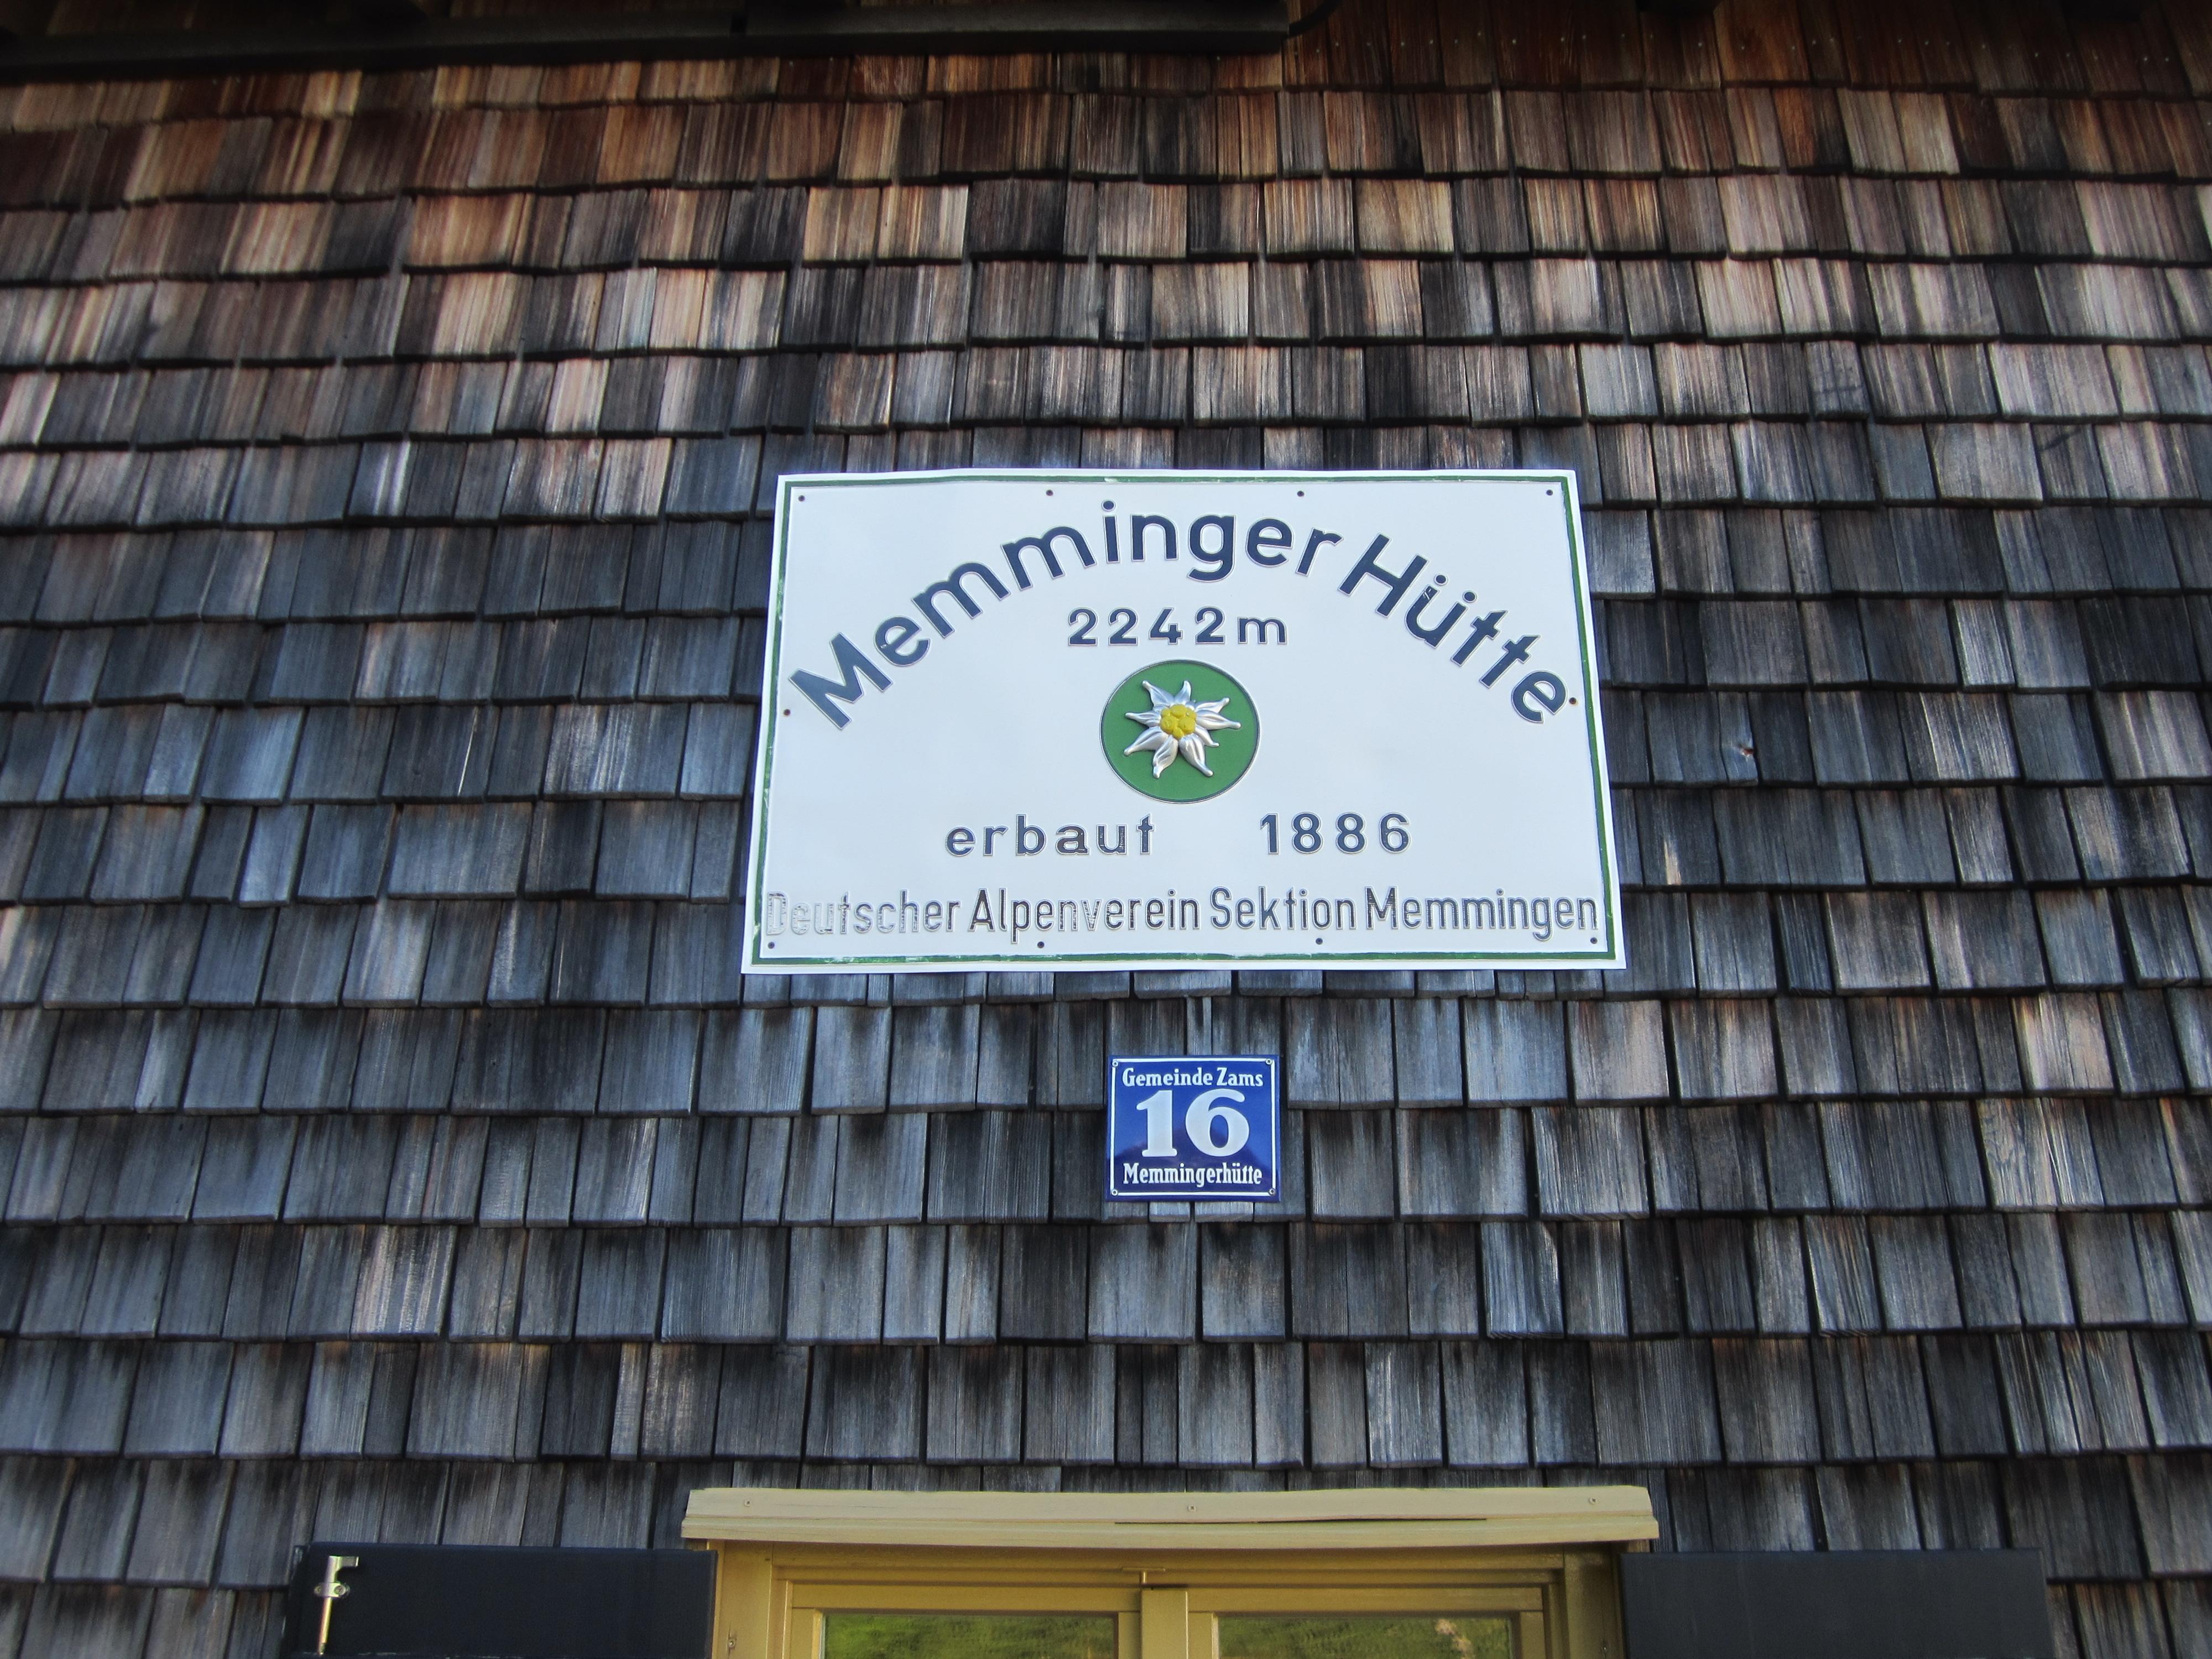 Memminger Hütte  ;)